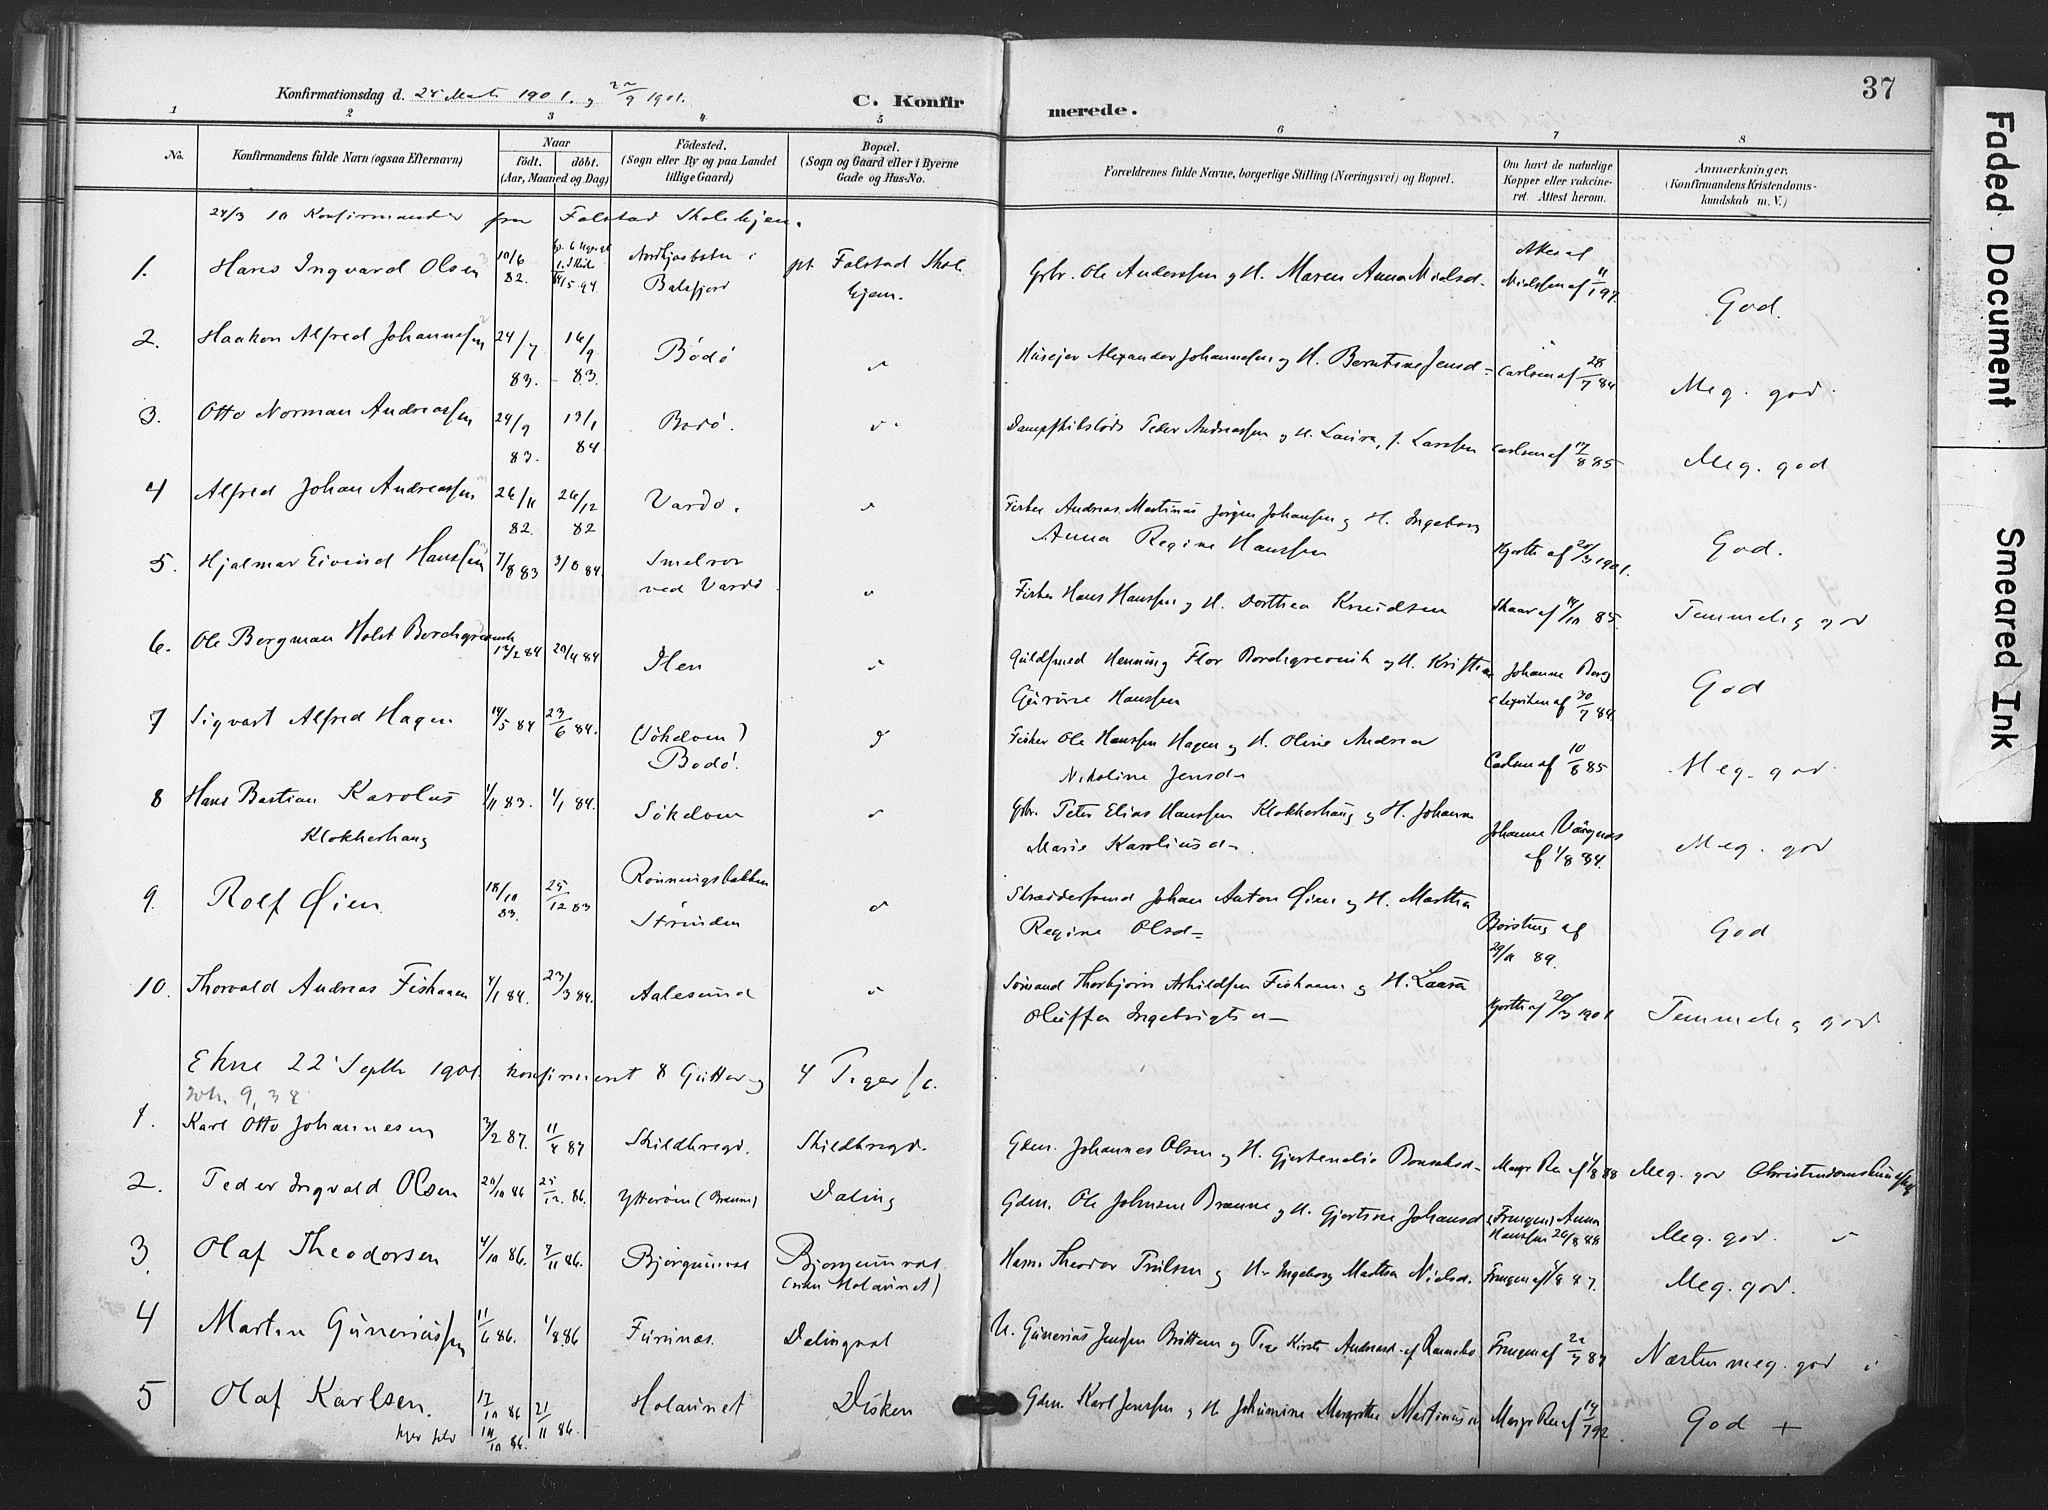 SAT, Ministerialprotokoller, klokkerbøker og fødselsregistre - Nord-Trøndelag, 719/L0179: Ministerialbok nr. 719A02, 1901-1923, s. 37